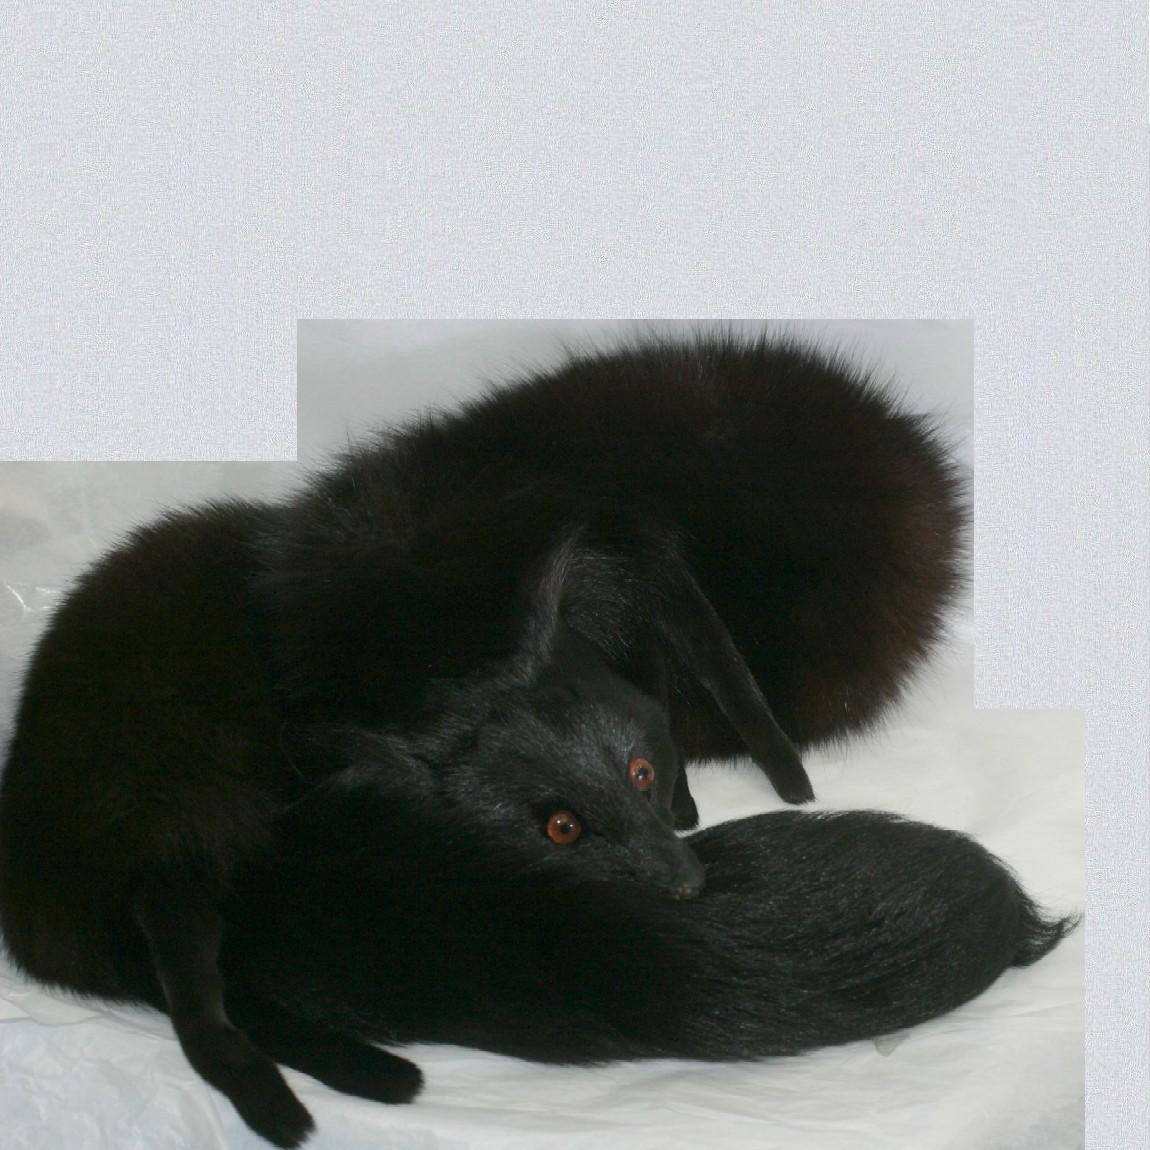 【中古】本物綺麗女性用全長120cm女性用の黒xブラウン色狐【フォックス】の襟巻き